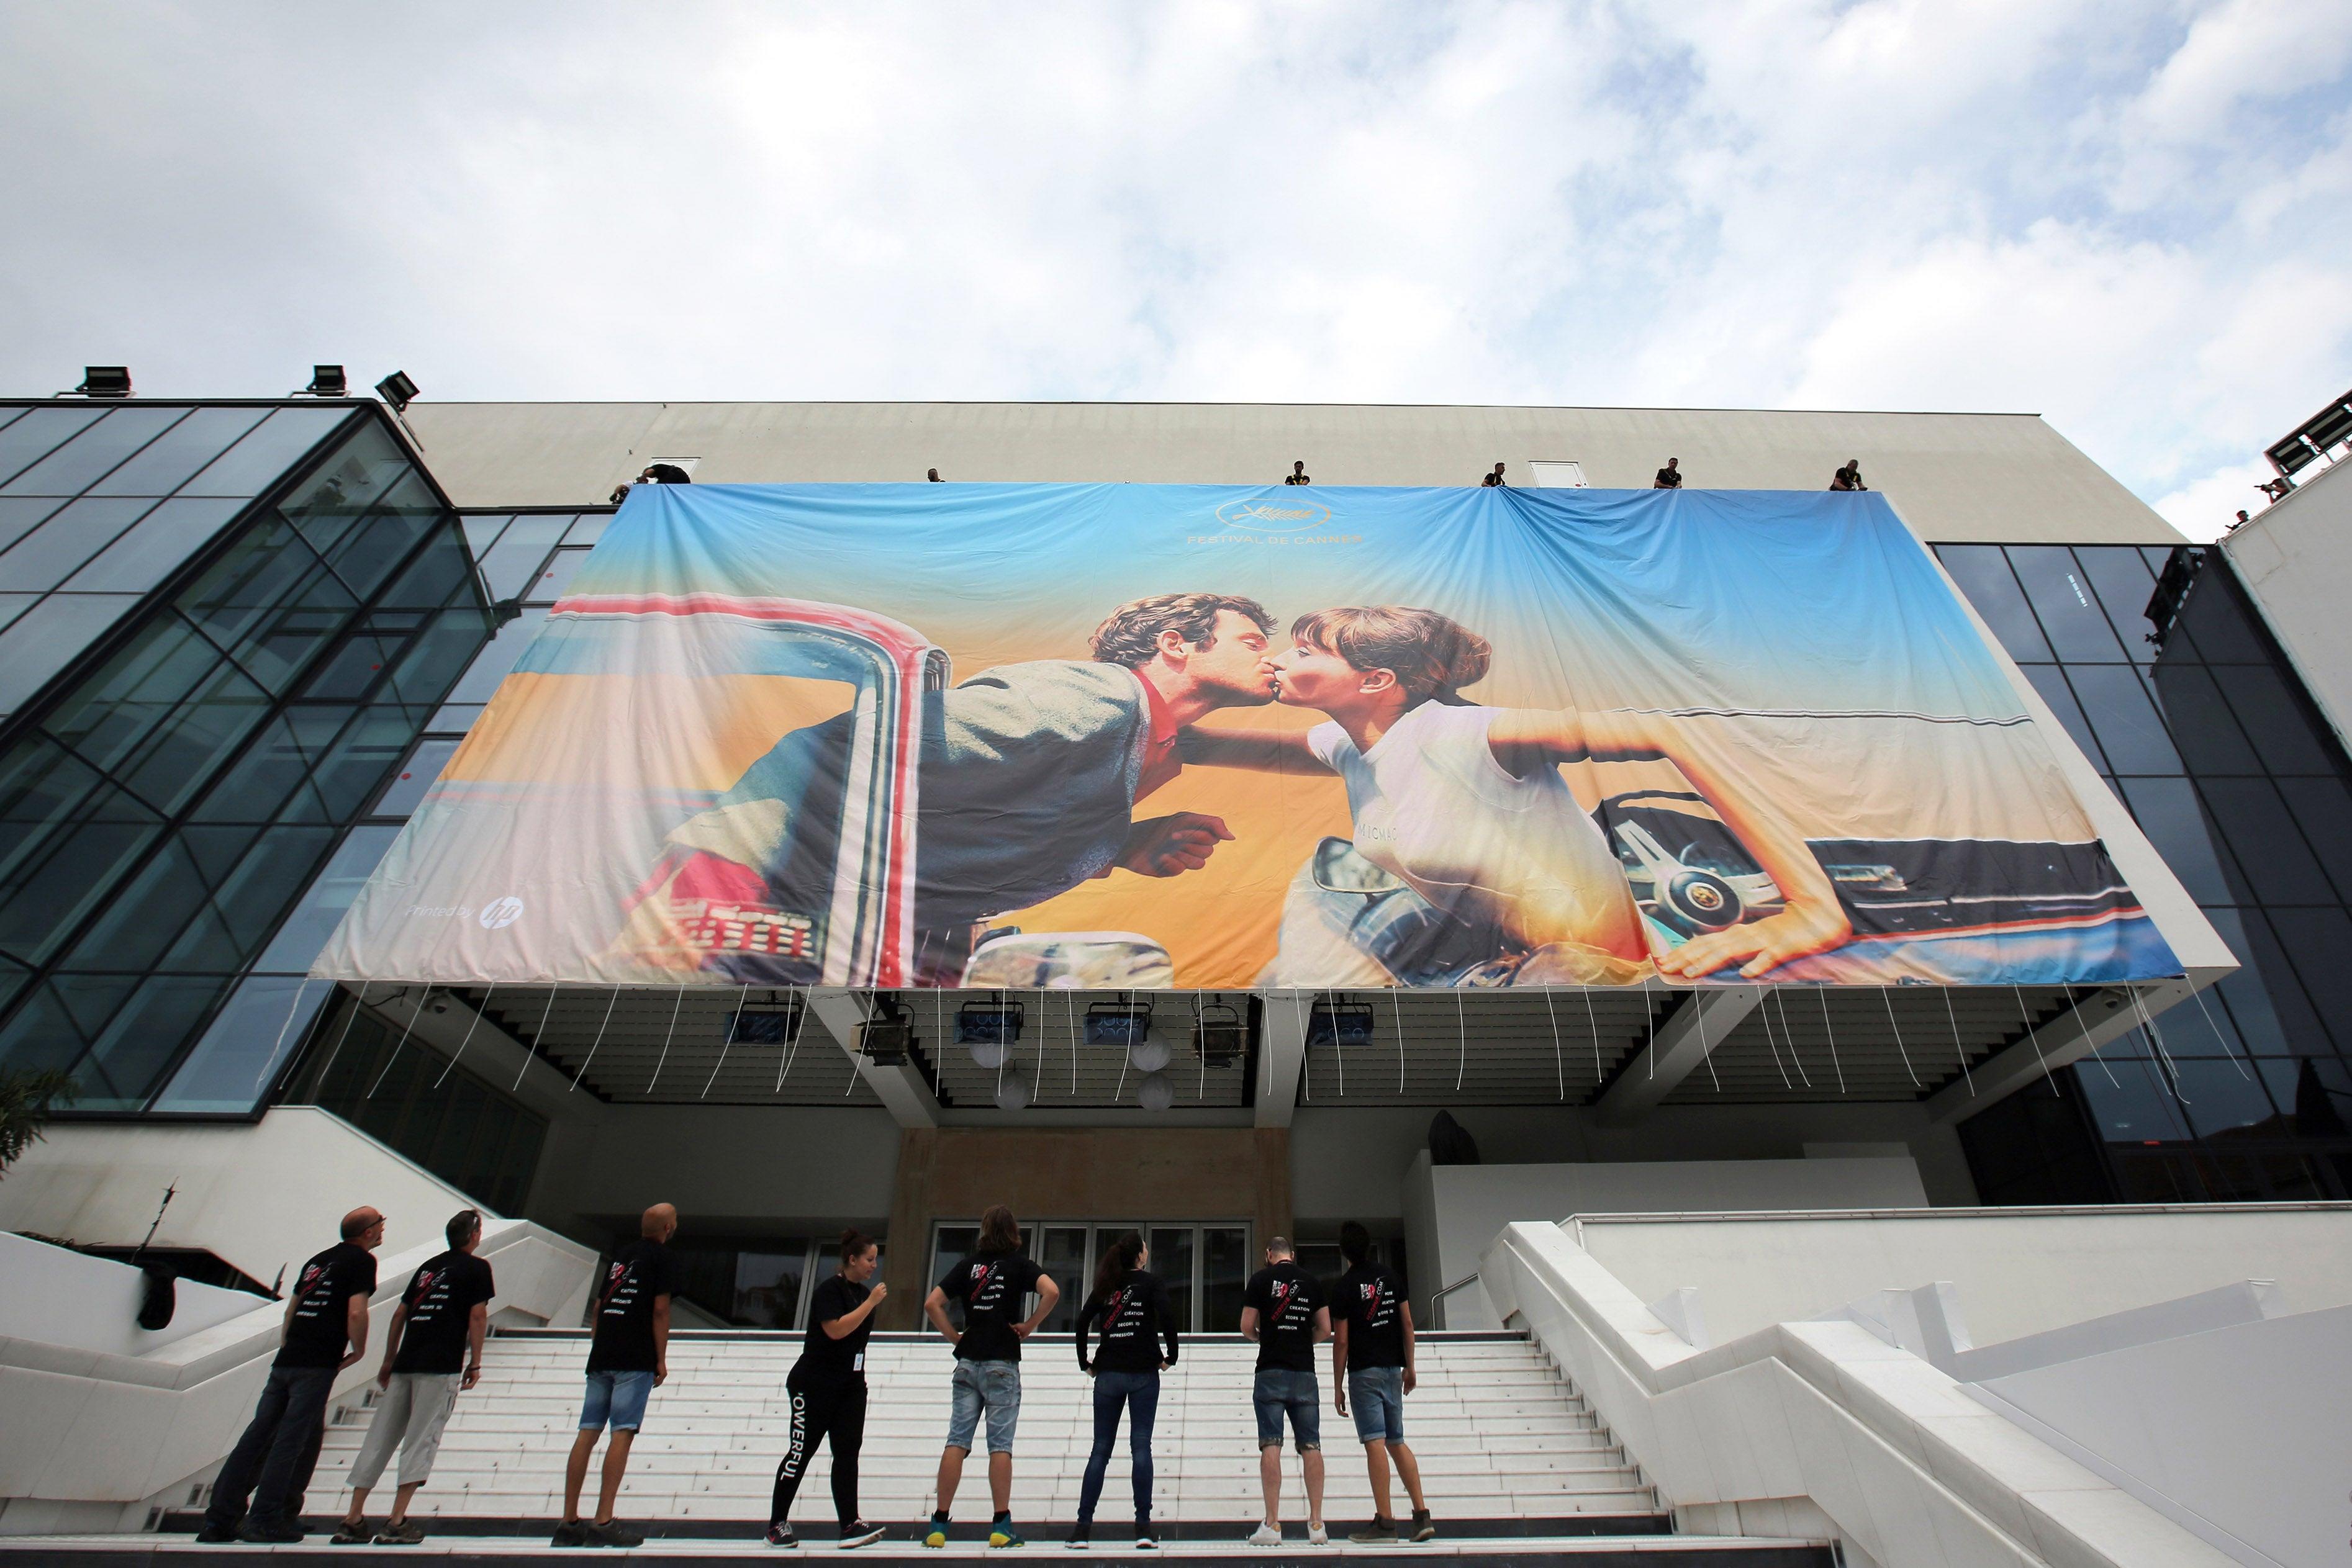 The Cannes palais, Cannes Film Festival 2018